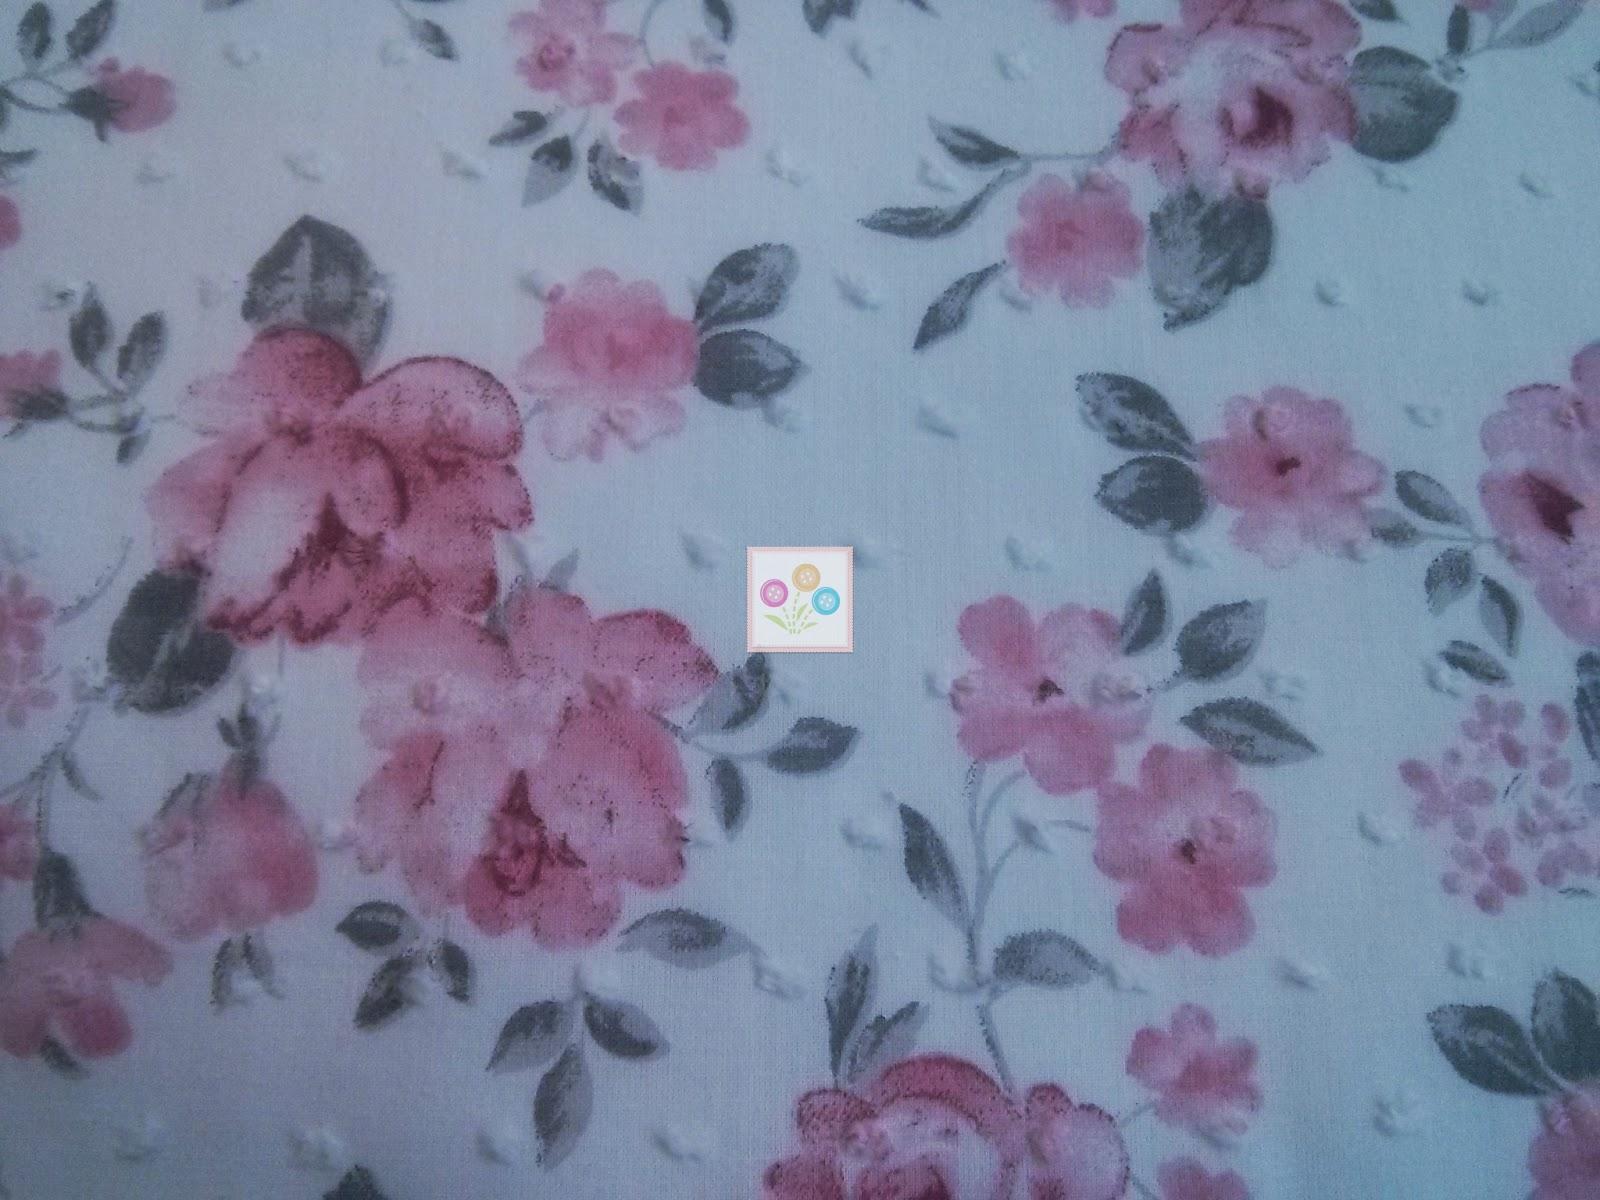 http://www.ratucos.com/es/telas/2885-plumeti-rosas-gris-10-metro.html